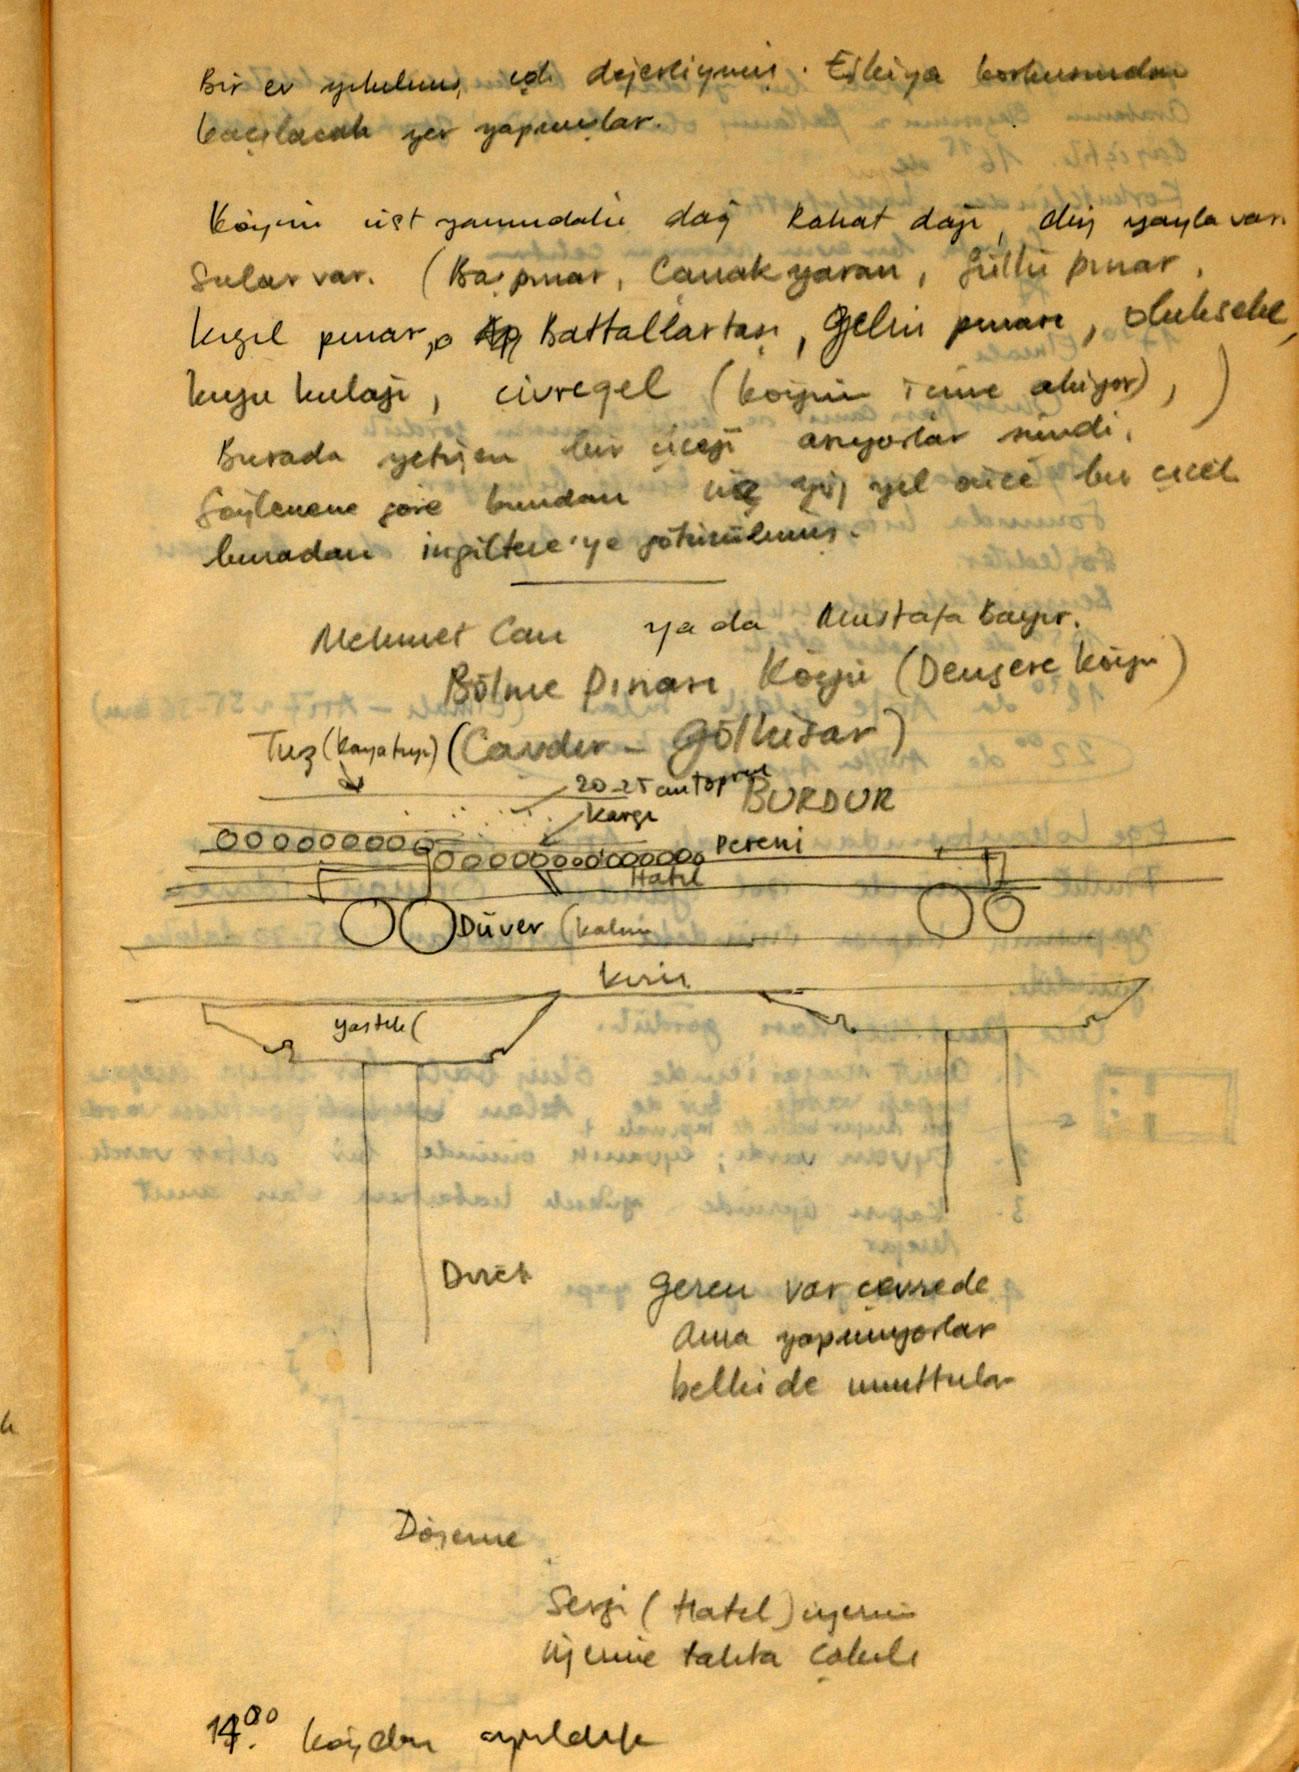 <p><strong>3a.</strong> 1978 yılında Cengiz Bektaşın yönettiği Mavi Yolculuktan  çizimler ve notlar.<br />   Kaynak:  SALT Araştırma, Cengiz Bektaş Arşivi.</p>